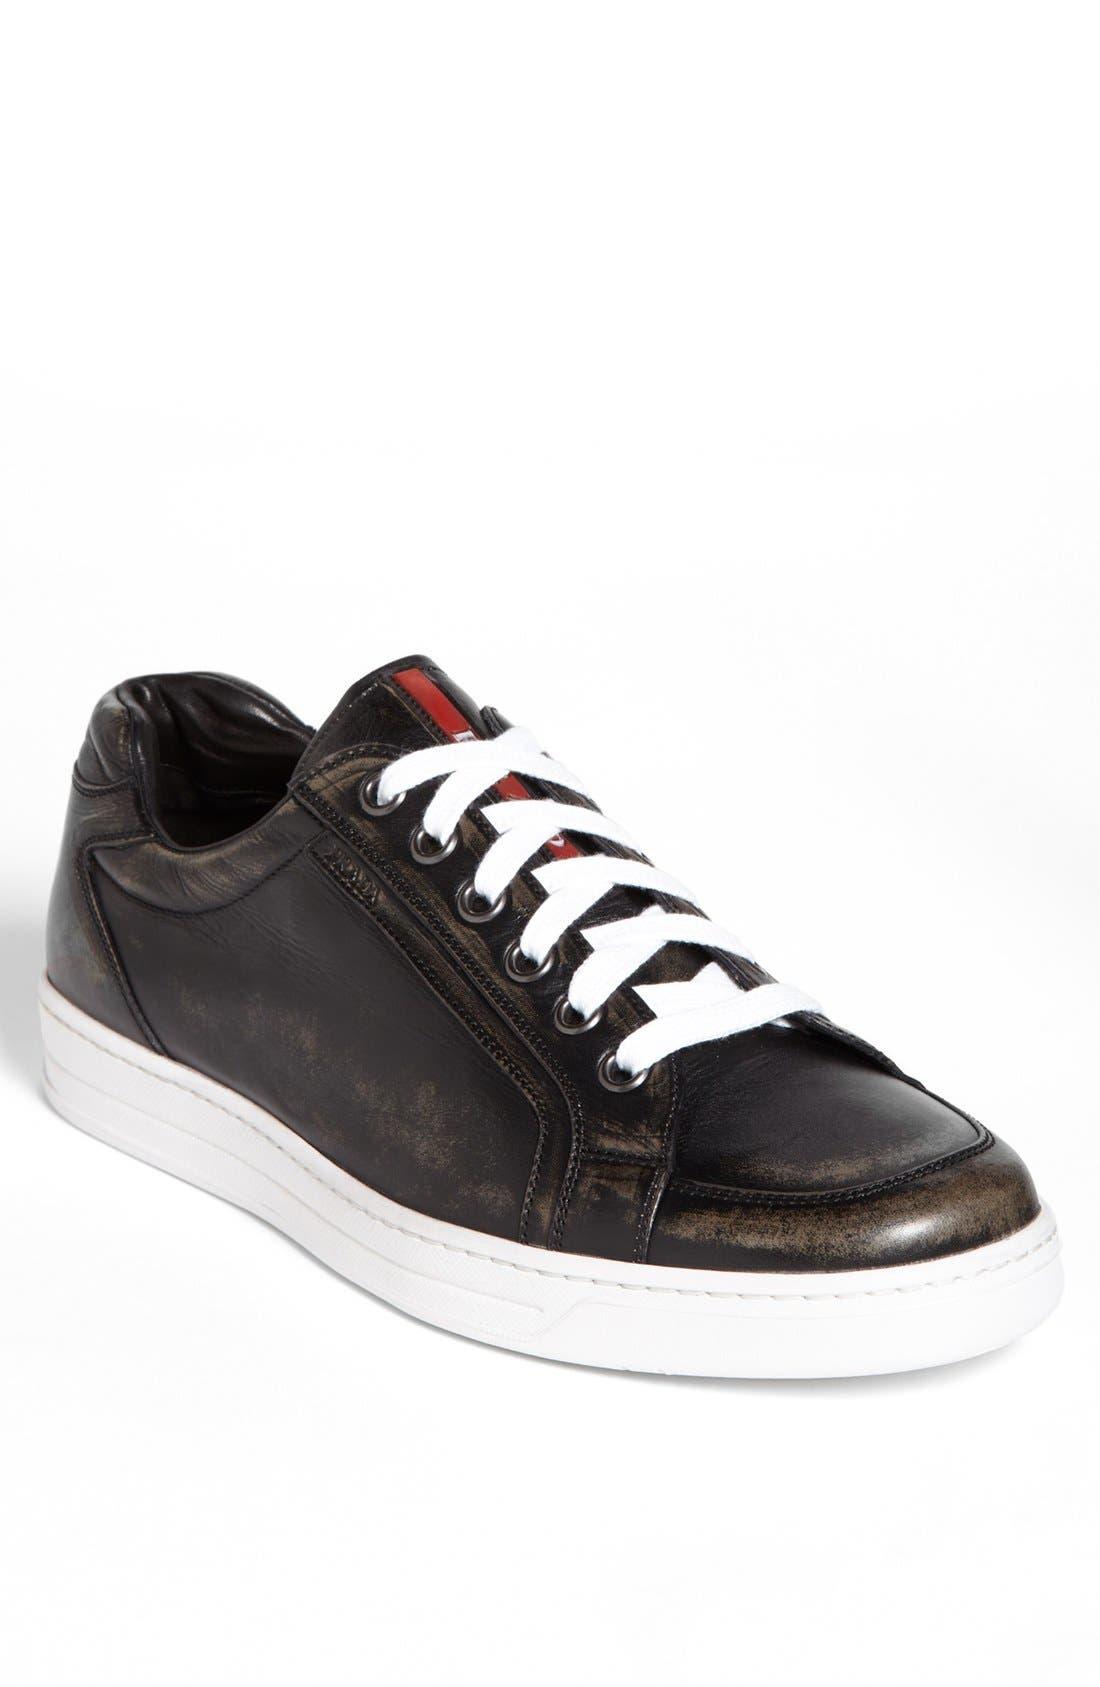 Main Image - Prada 'Avenue' Sneaker